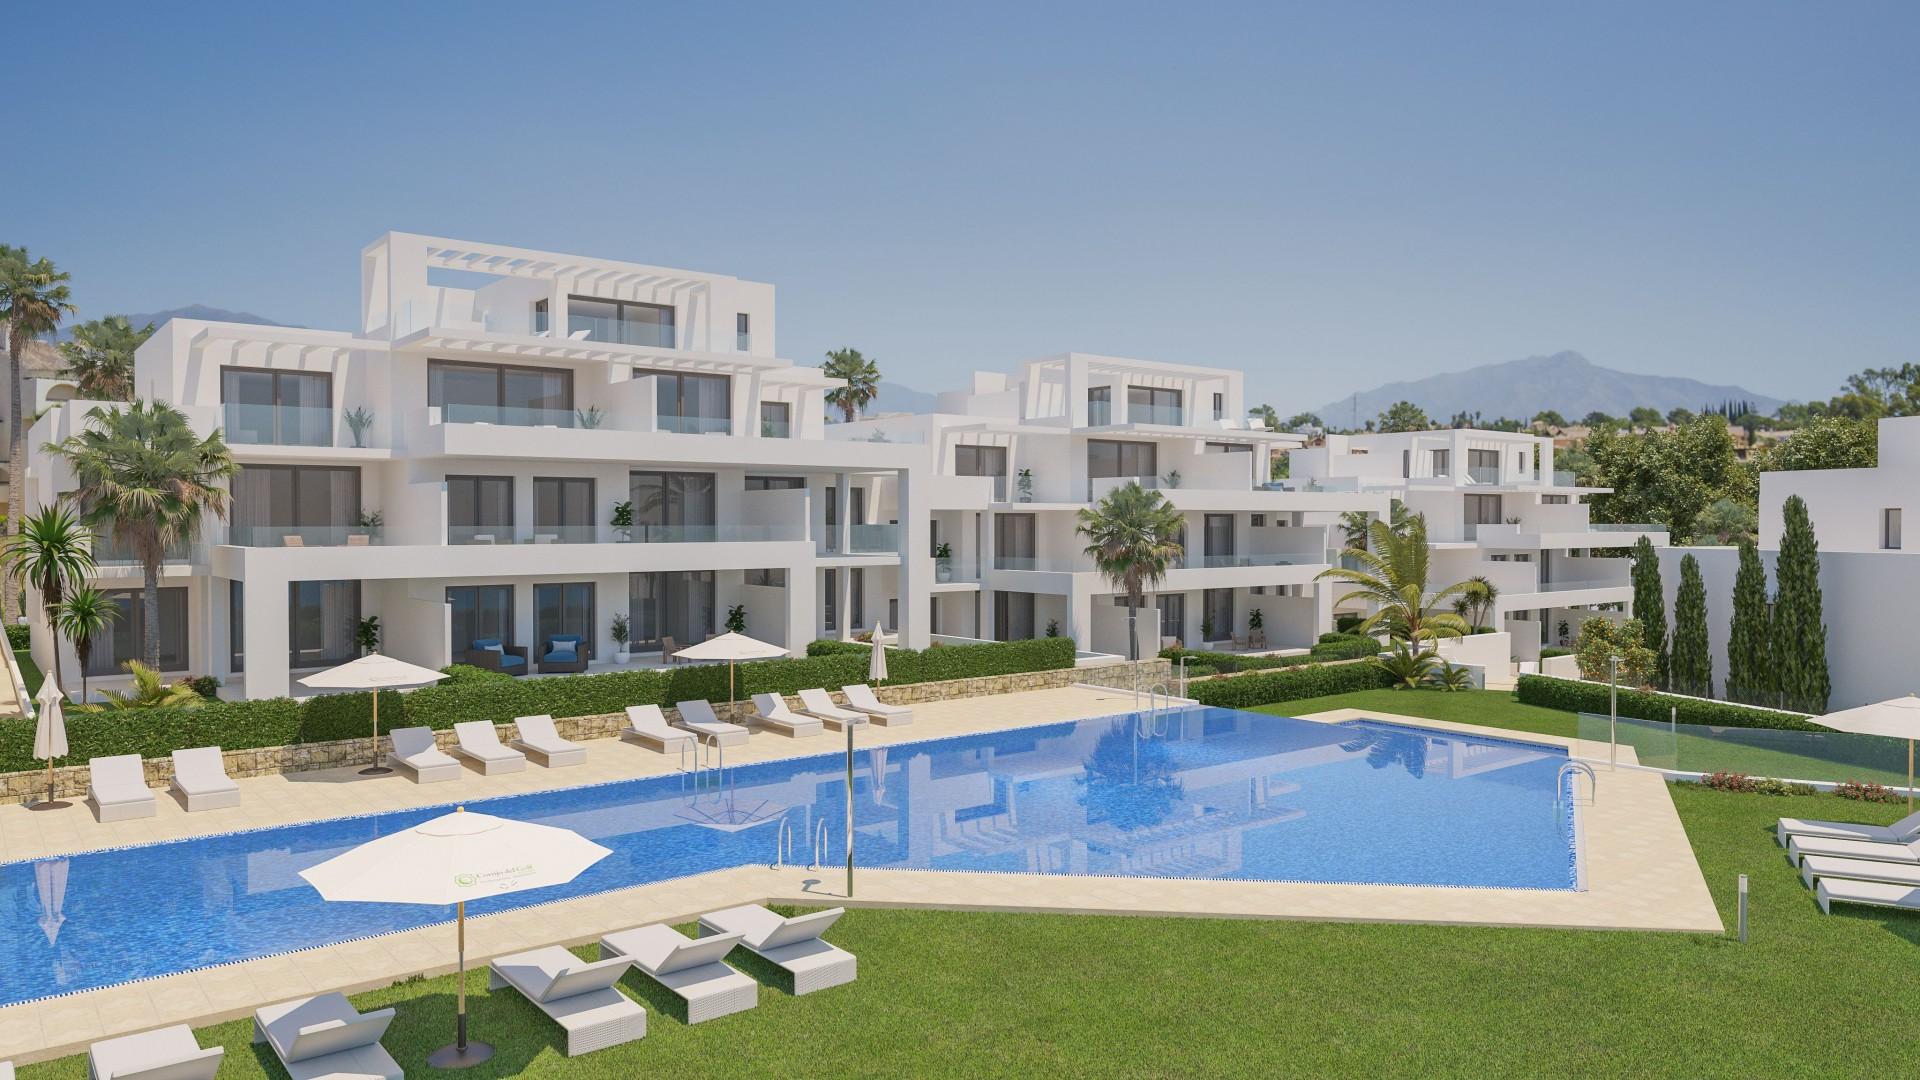 Nieuw project met moderne en exclusieve appartementen en penthouses in Estepona. PL76